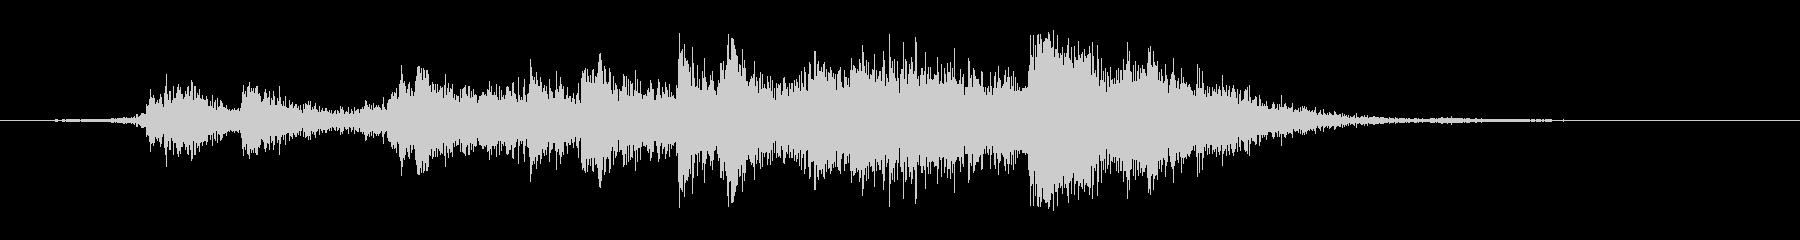 【生録音】ガラーガシャン(ショート)の未再生の波形